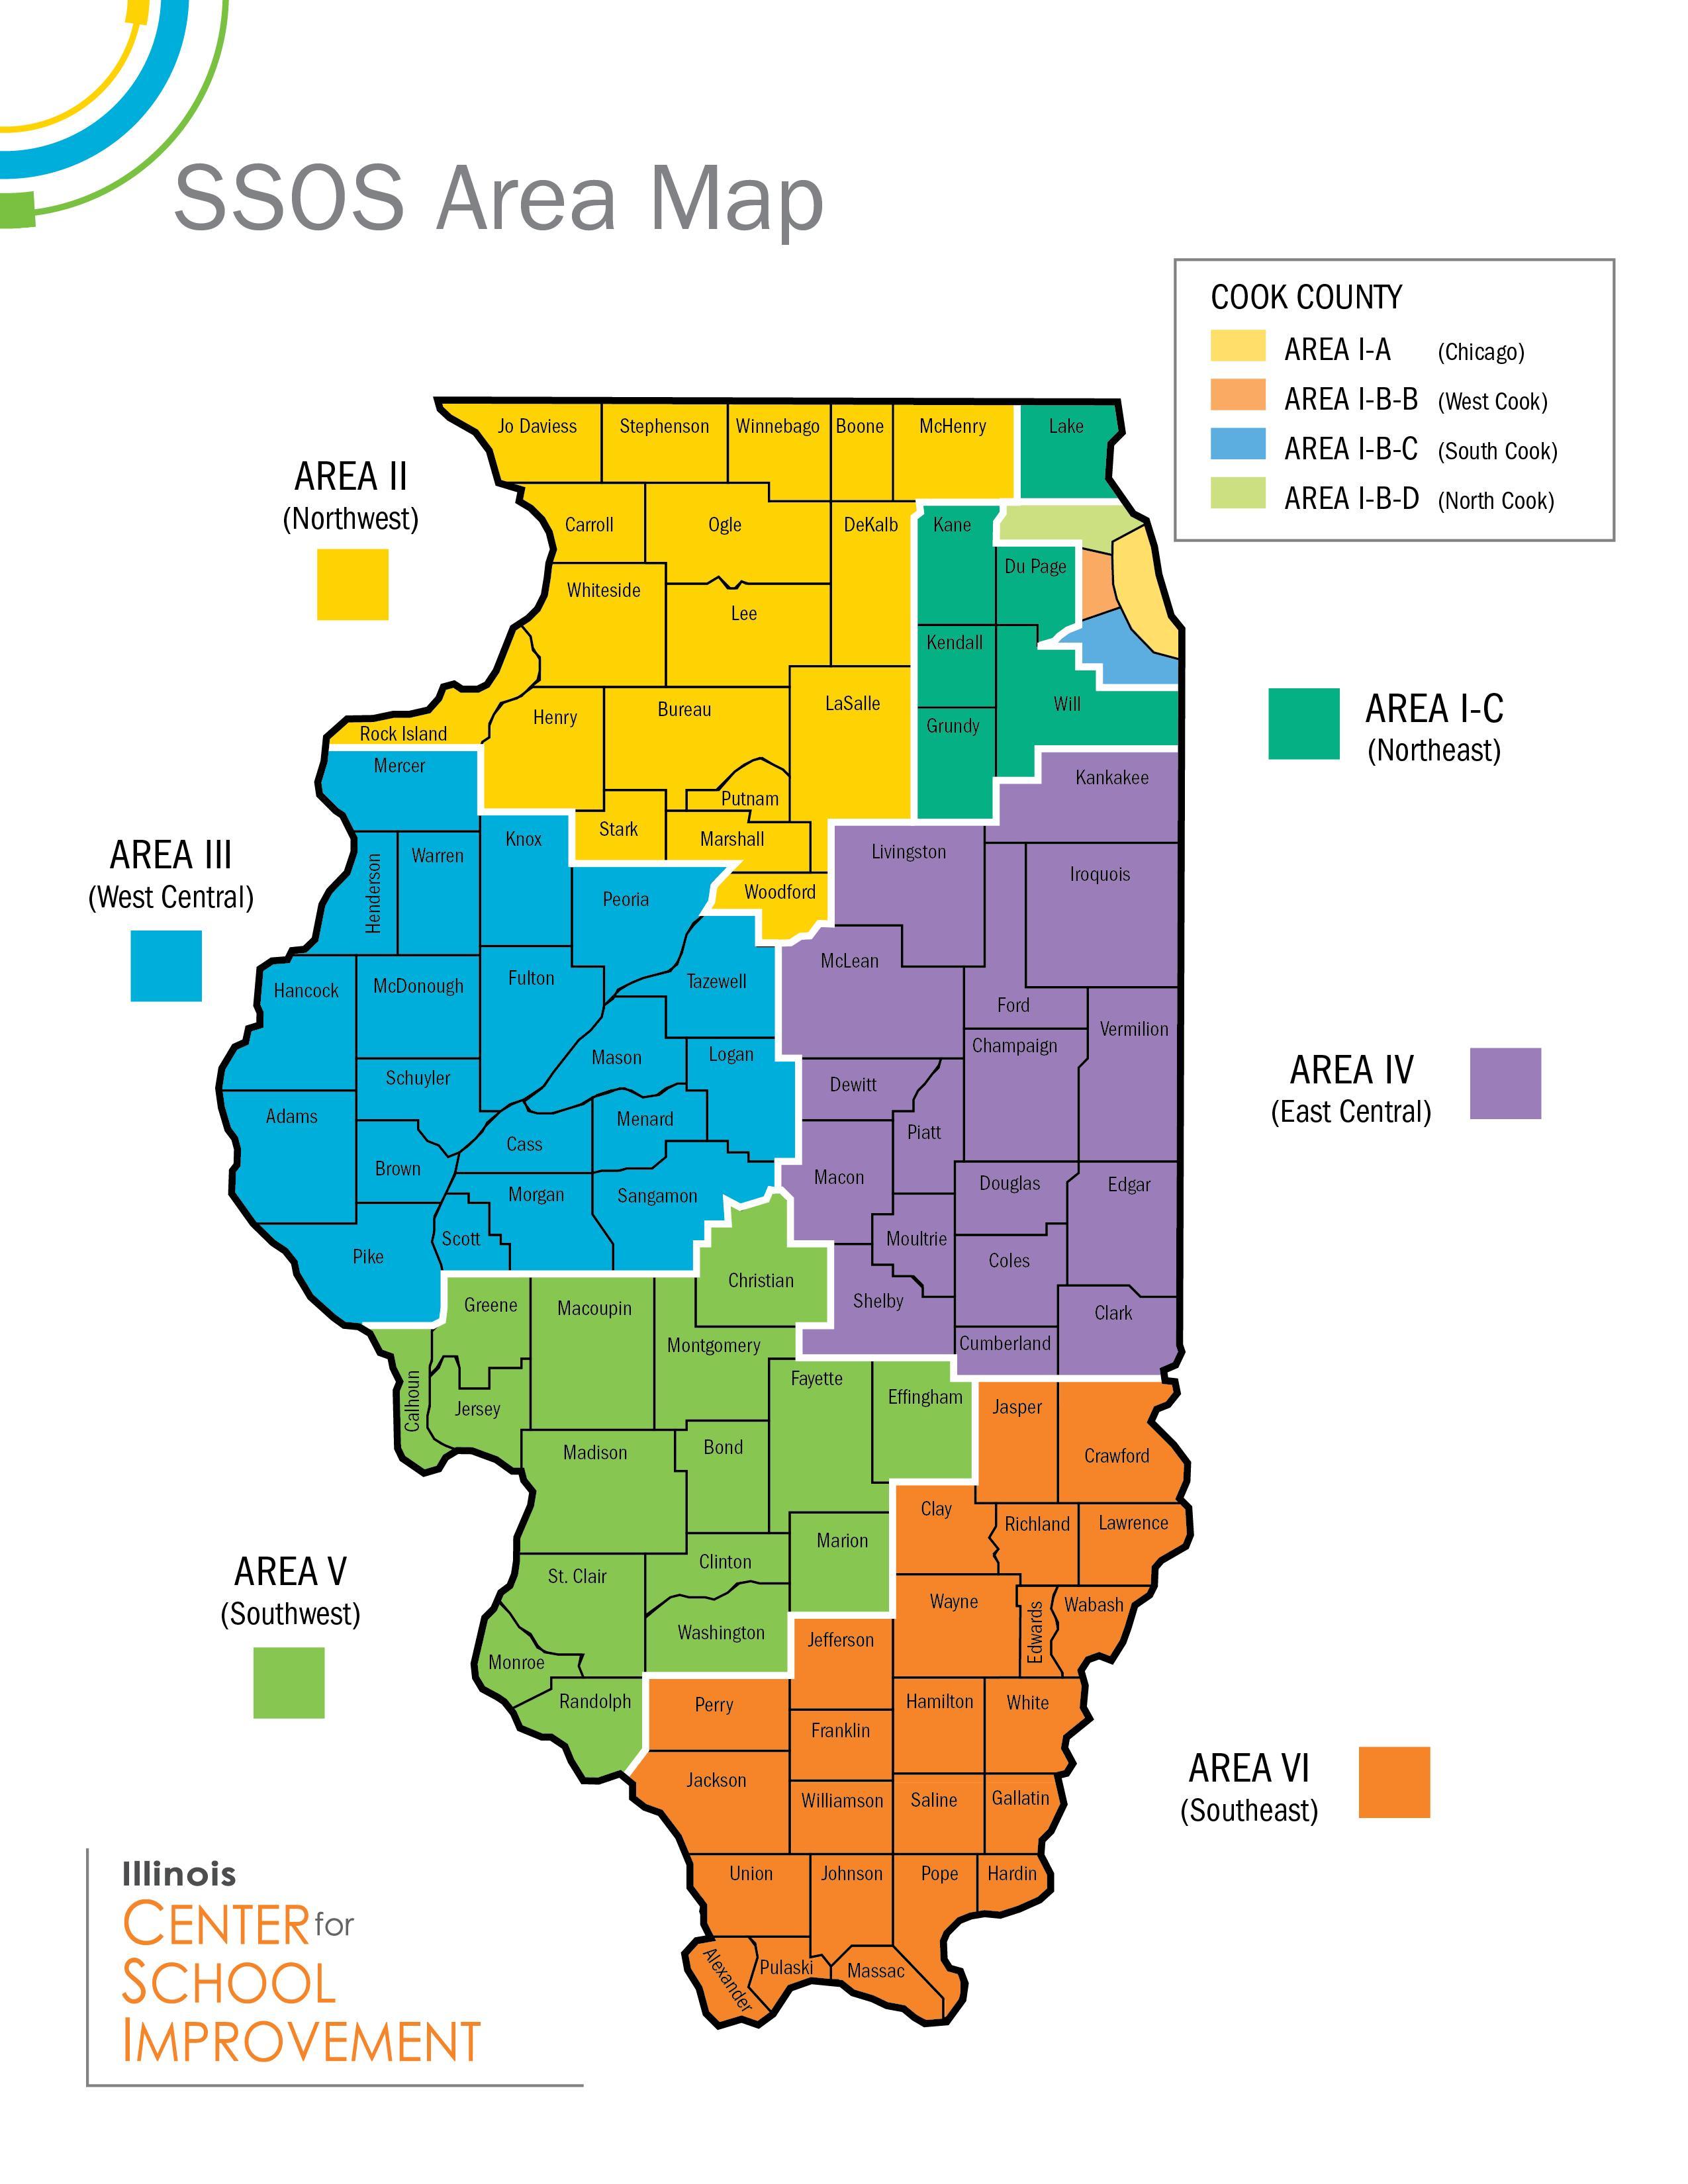 Chicagoschooldistrictanzeigenjpg - Chicago gang map south side